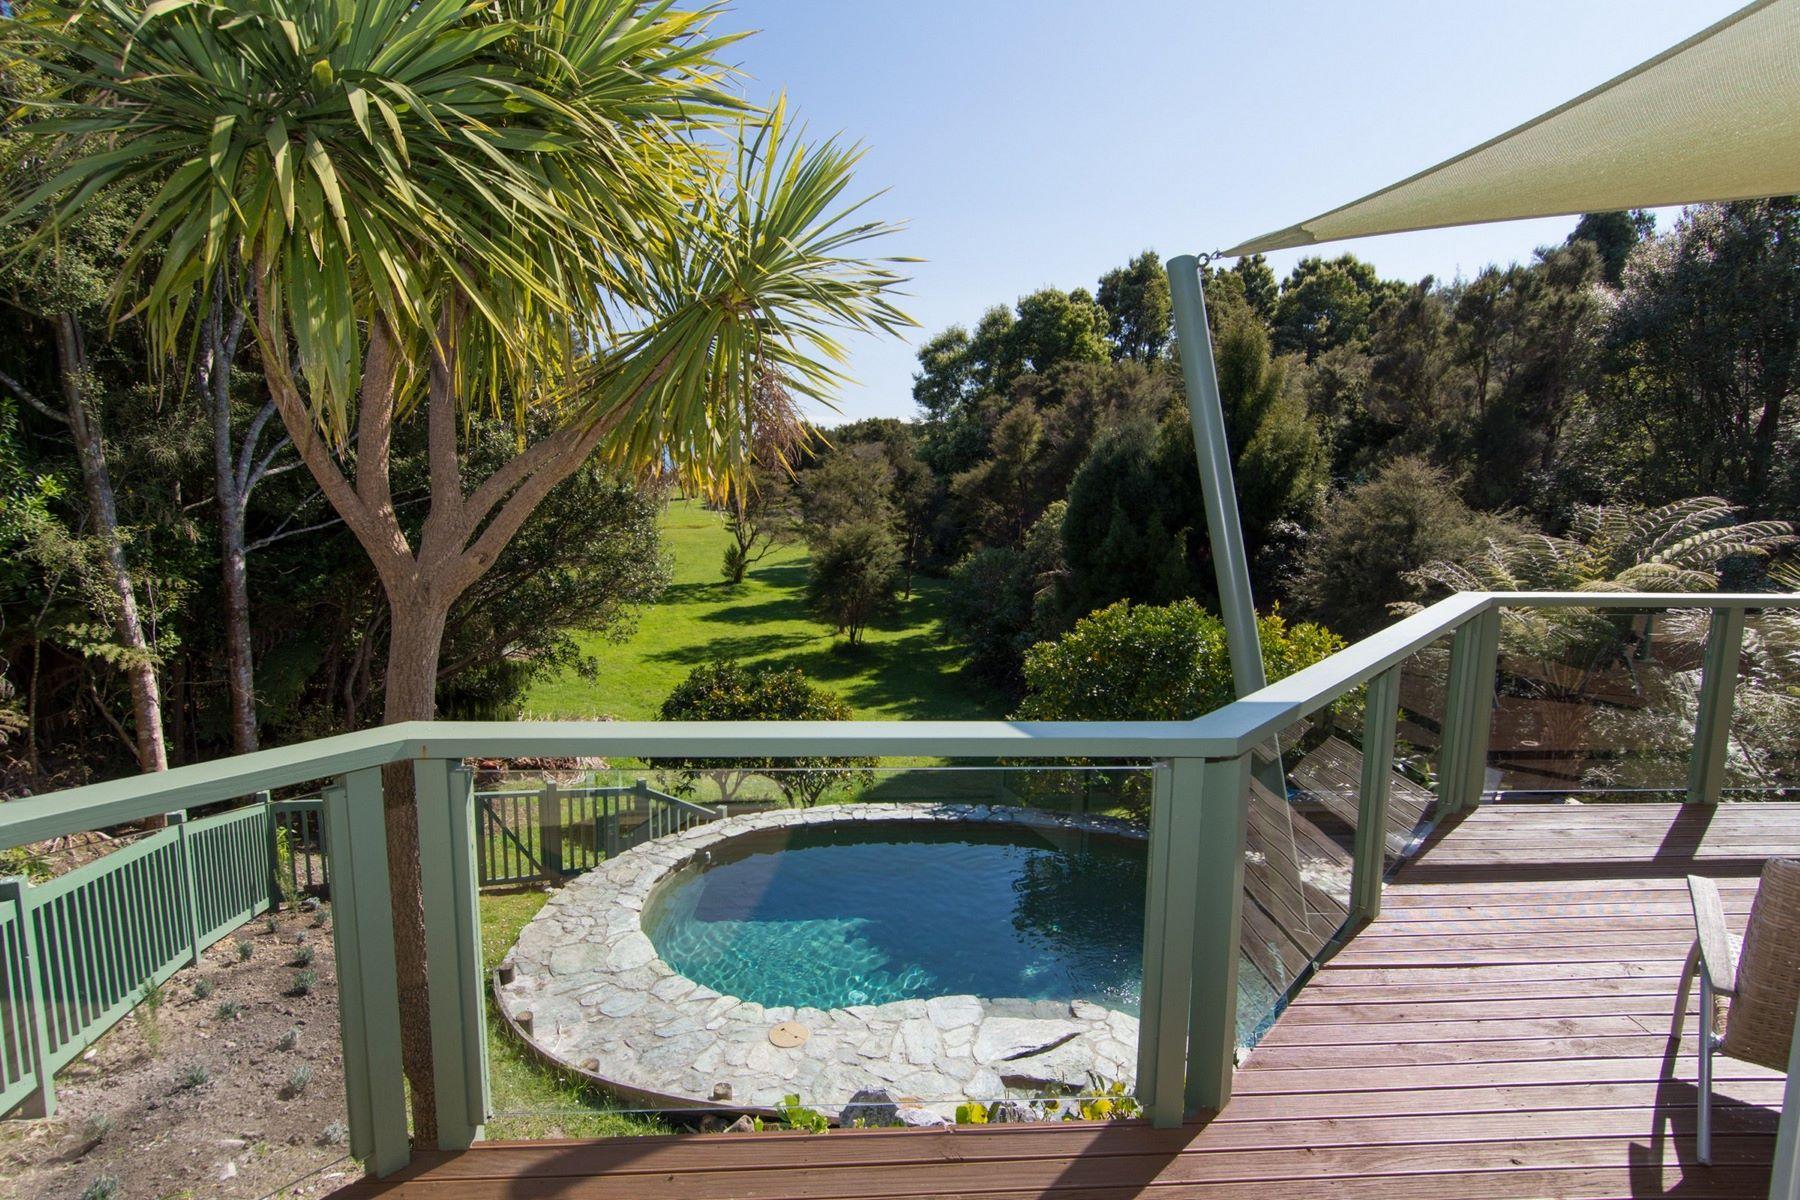 단독 가정 주택 용 매매 에 100 Fraser Road Other New Zealand, 뉴질랜드의 기타 지역, 7182 뉴질랜드